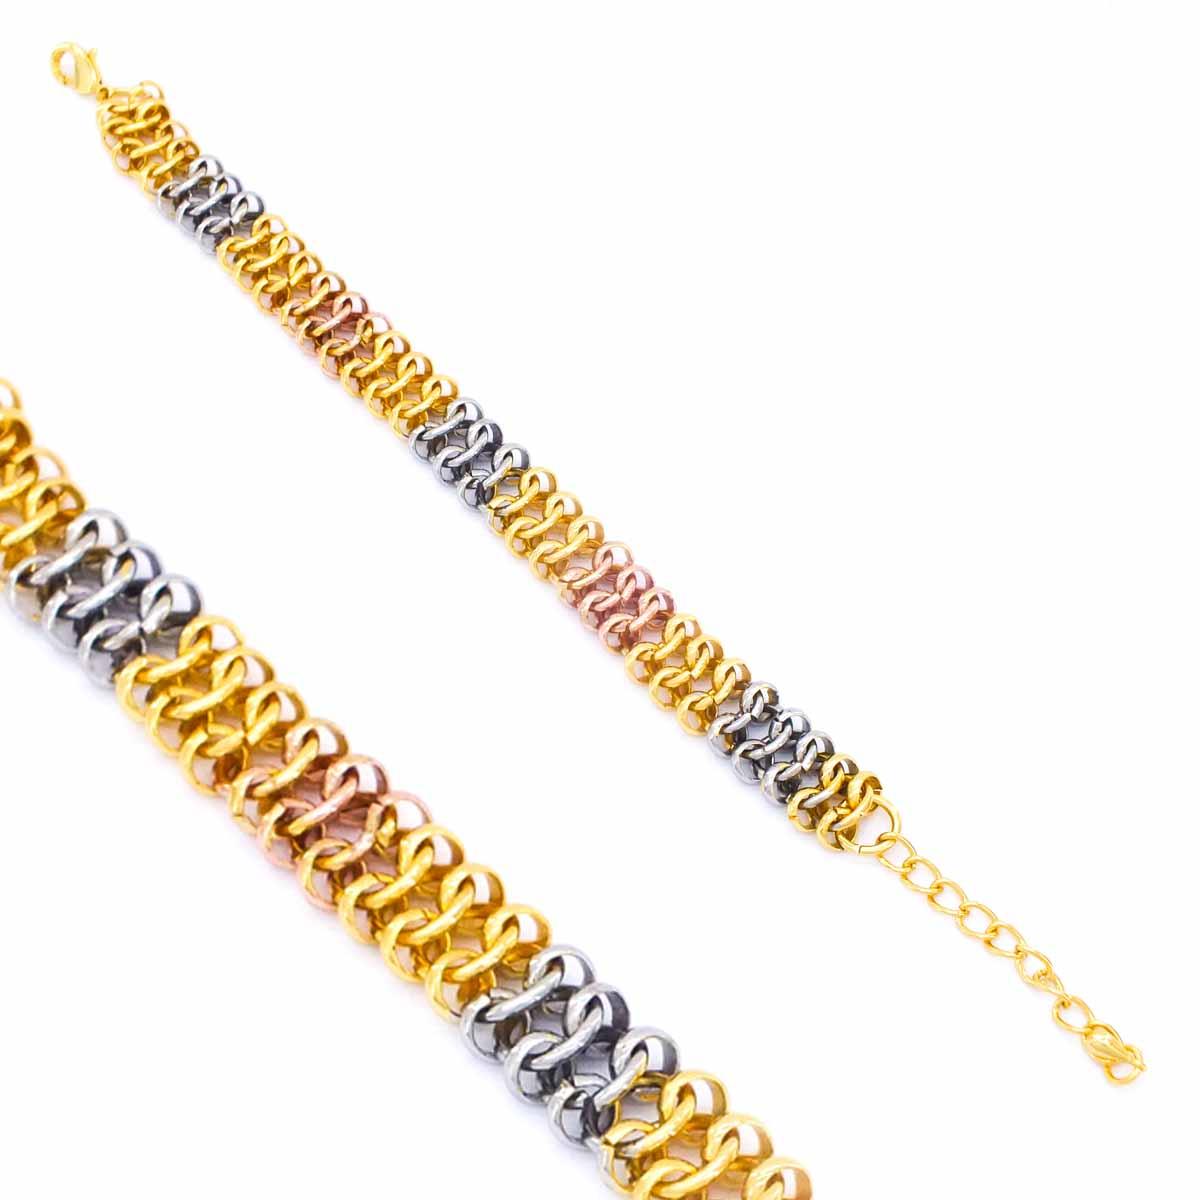 FerizZ 22 Ayar Altın Kaplama Üç Renk Şık Bayan Bileklik 21cm-25cm Boy BLK-359